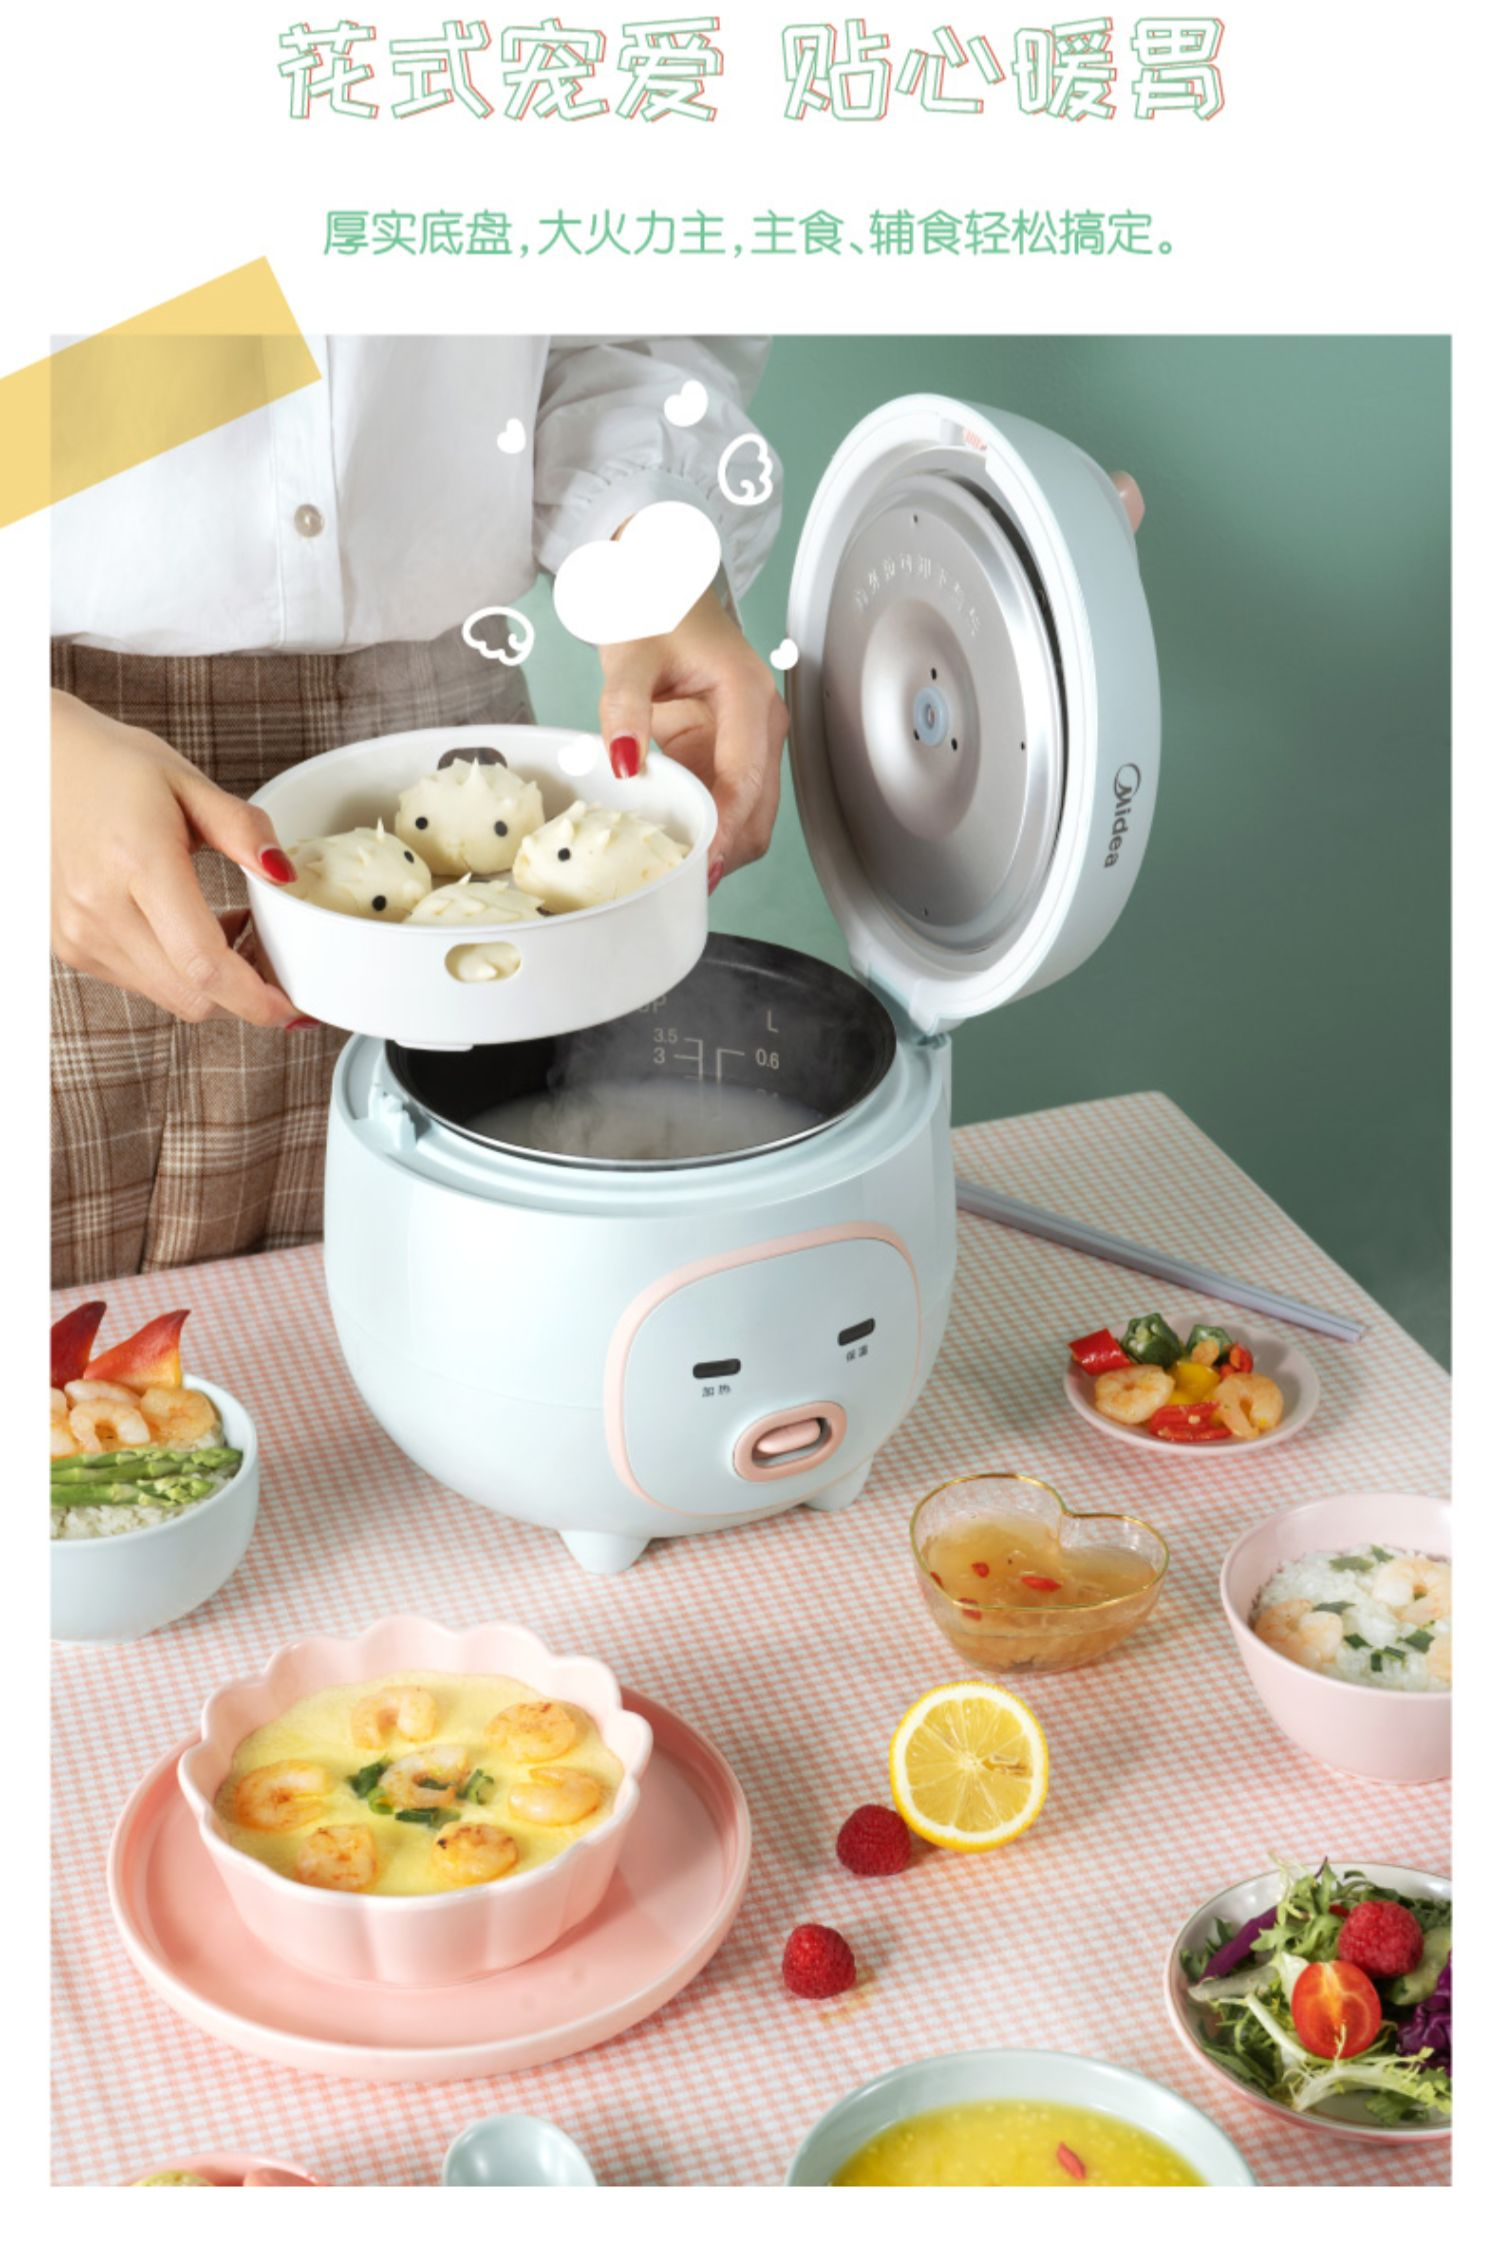 美的迷你小型家用多功能电饭煲